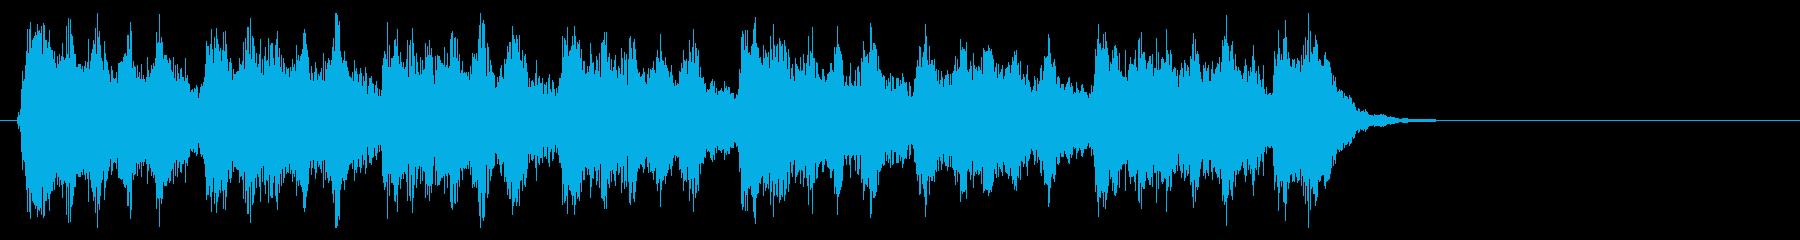 秋、切ないオーケストラのジングルの再生済みの波形